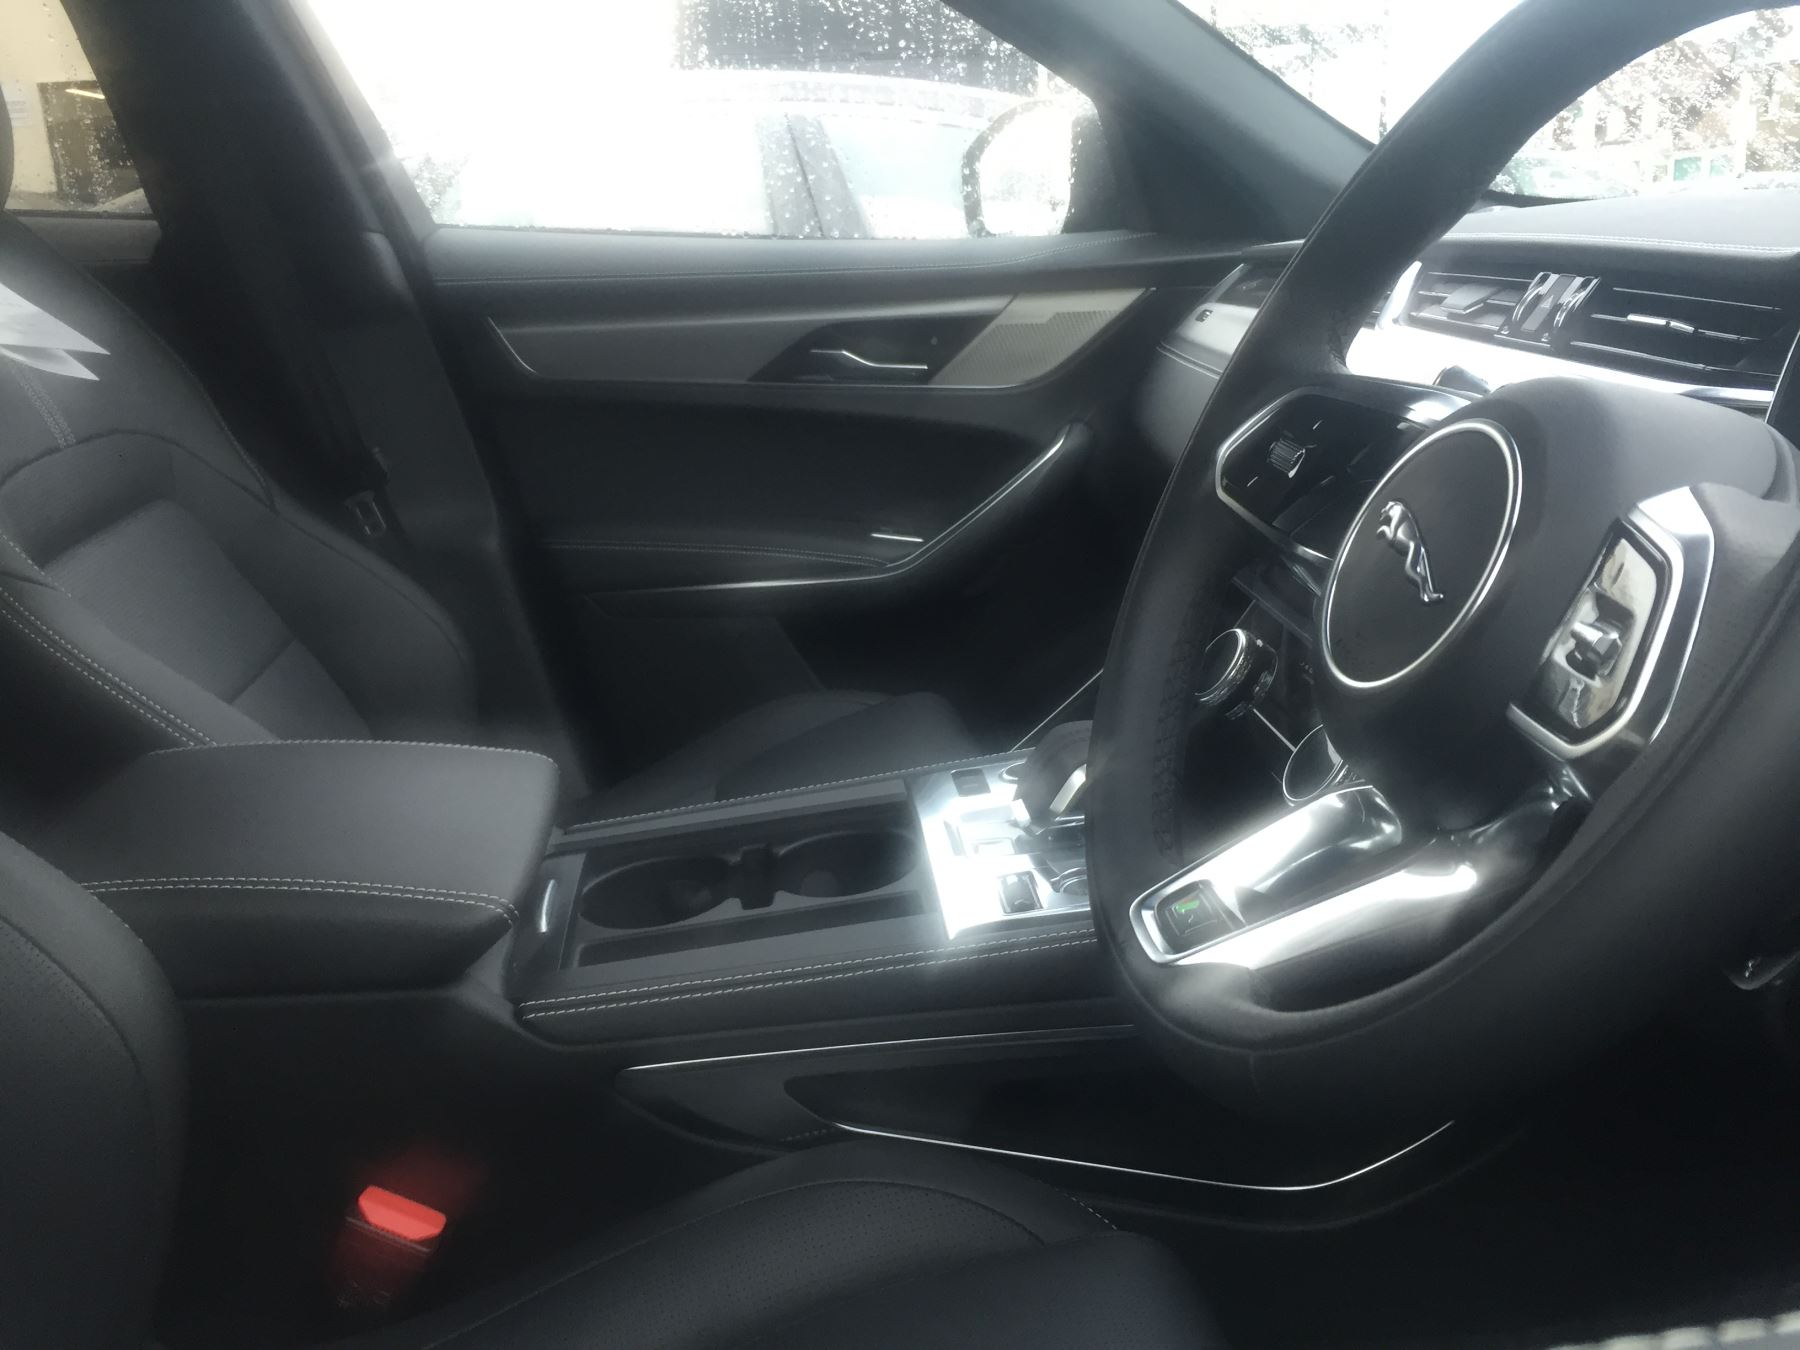 Jaguar F-PACE 2.0 D200 R-Dynamic S AWD image 4